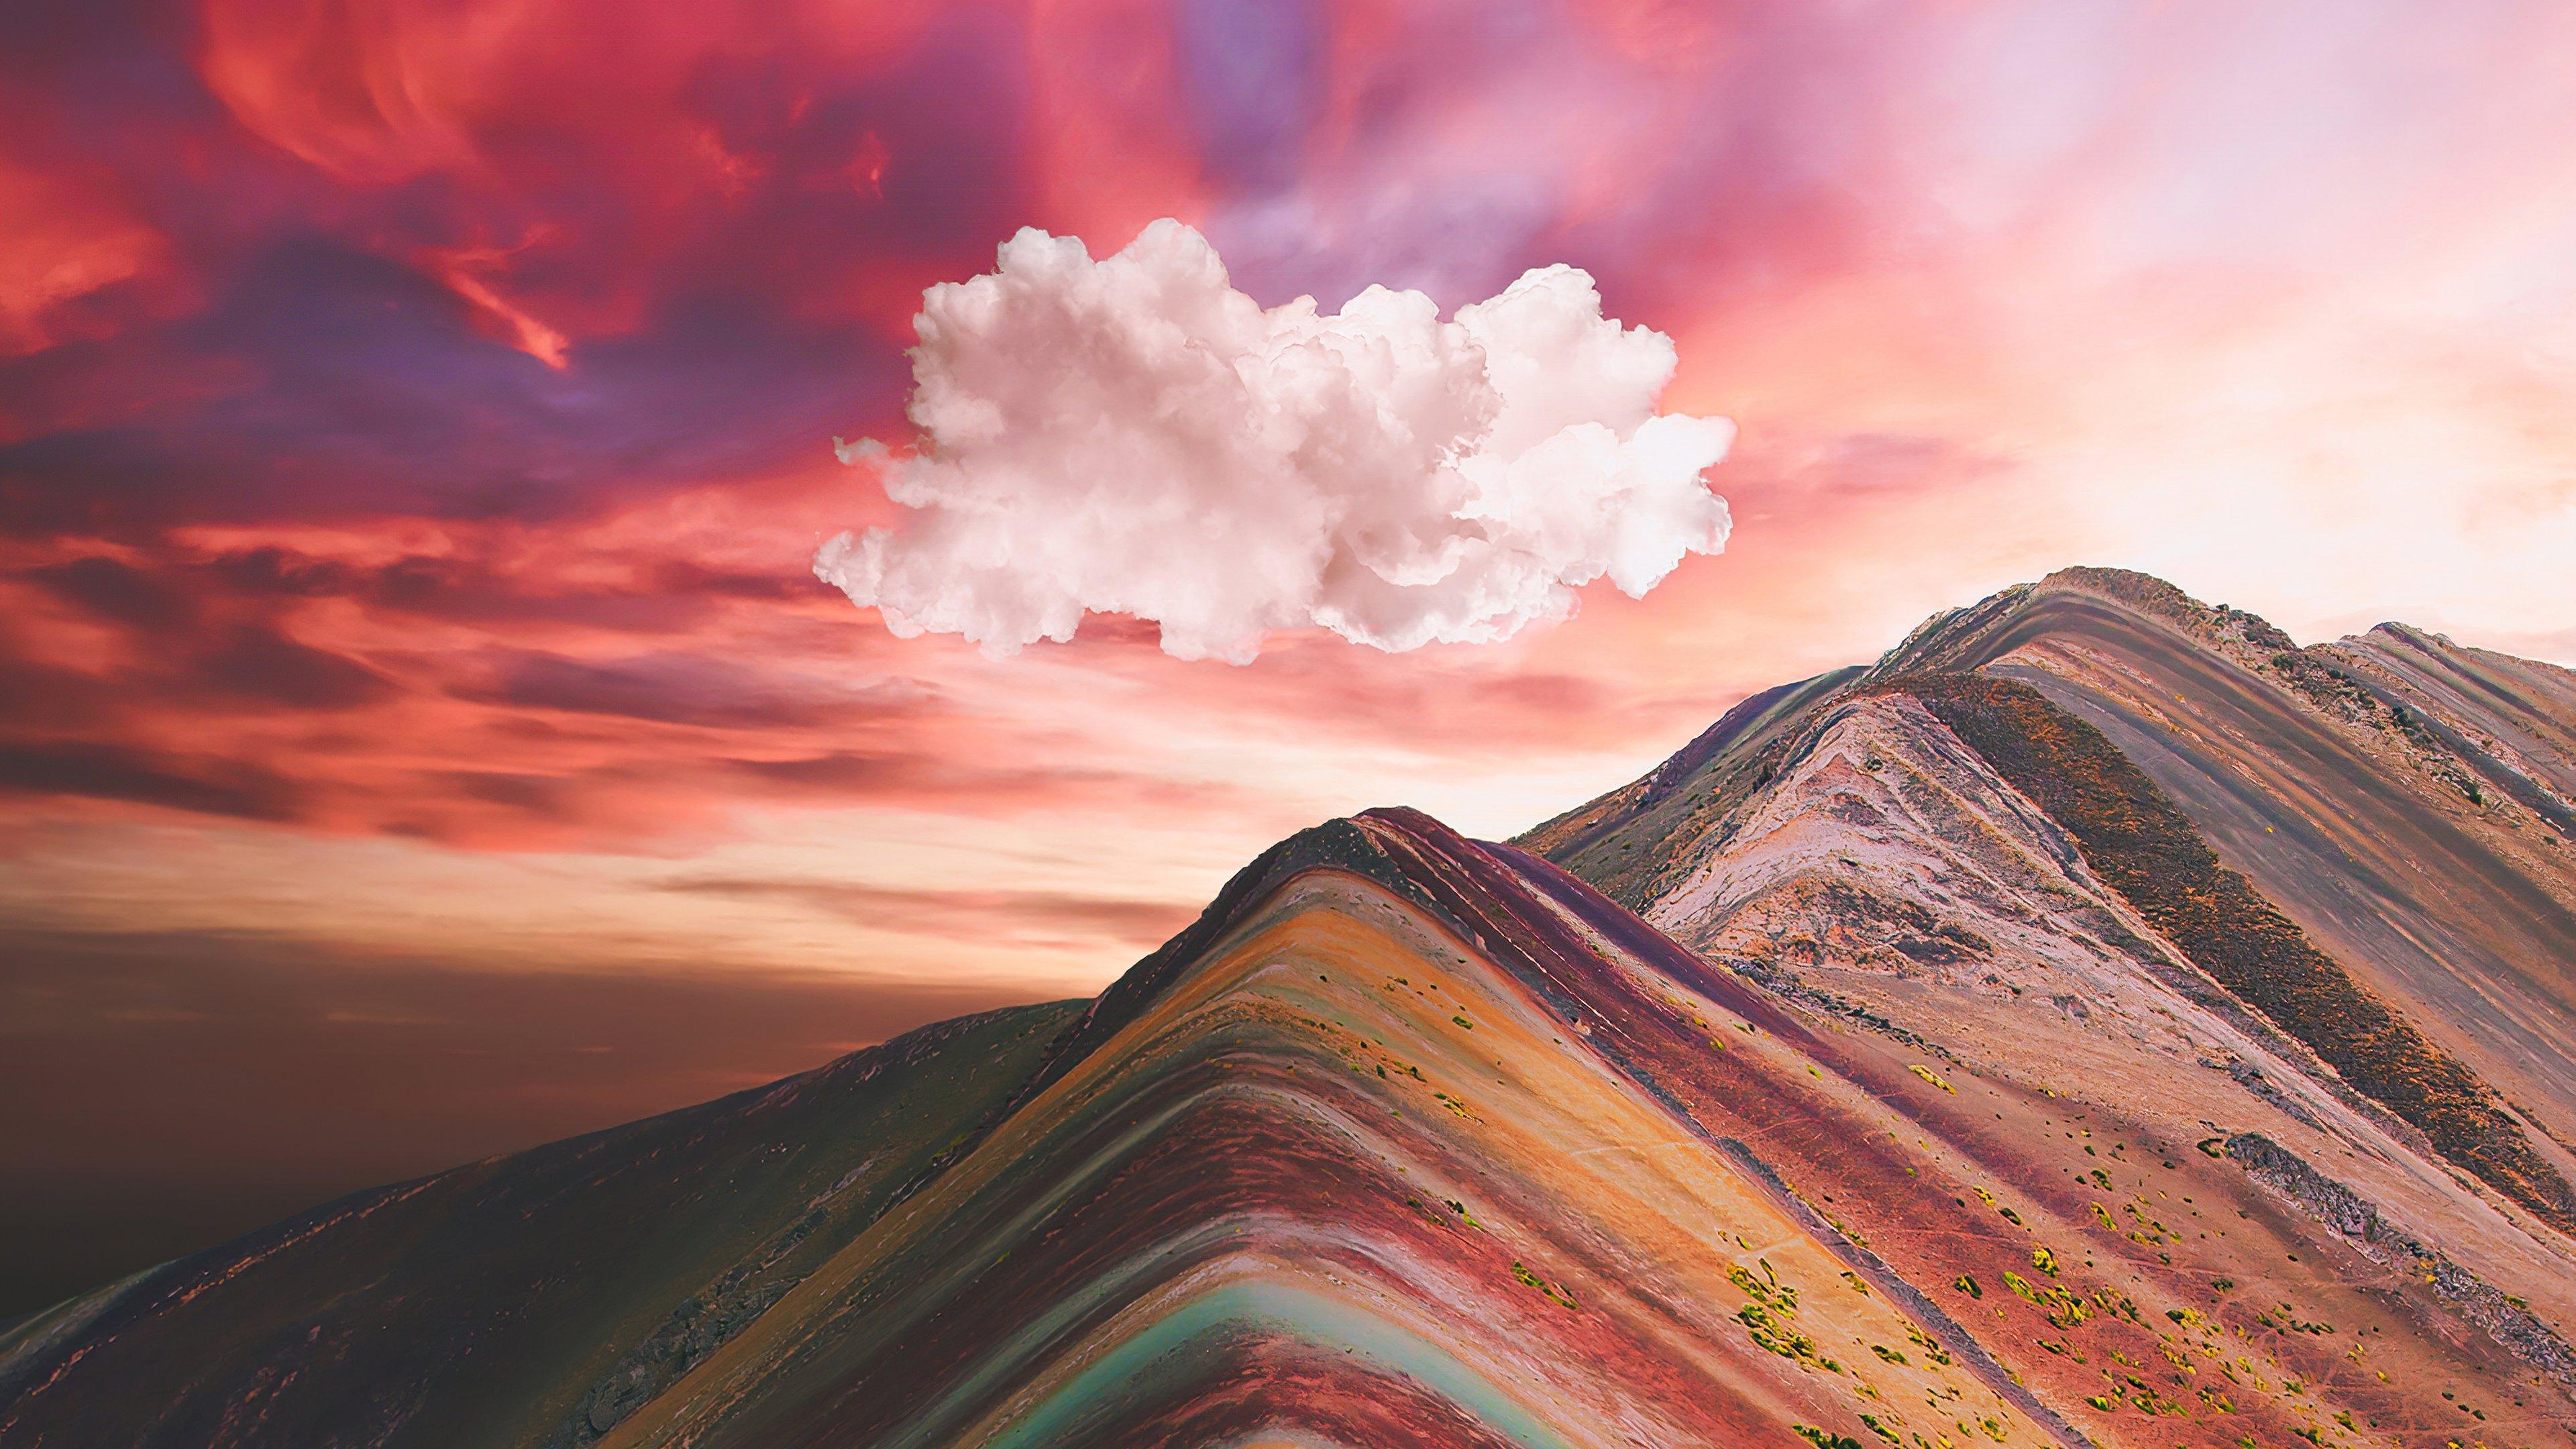 Fondos de pantalla Nubes sobre las montañas de arcoiris Vinicunca